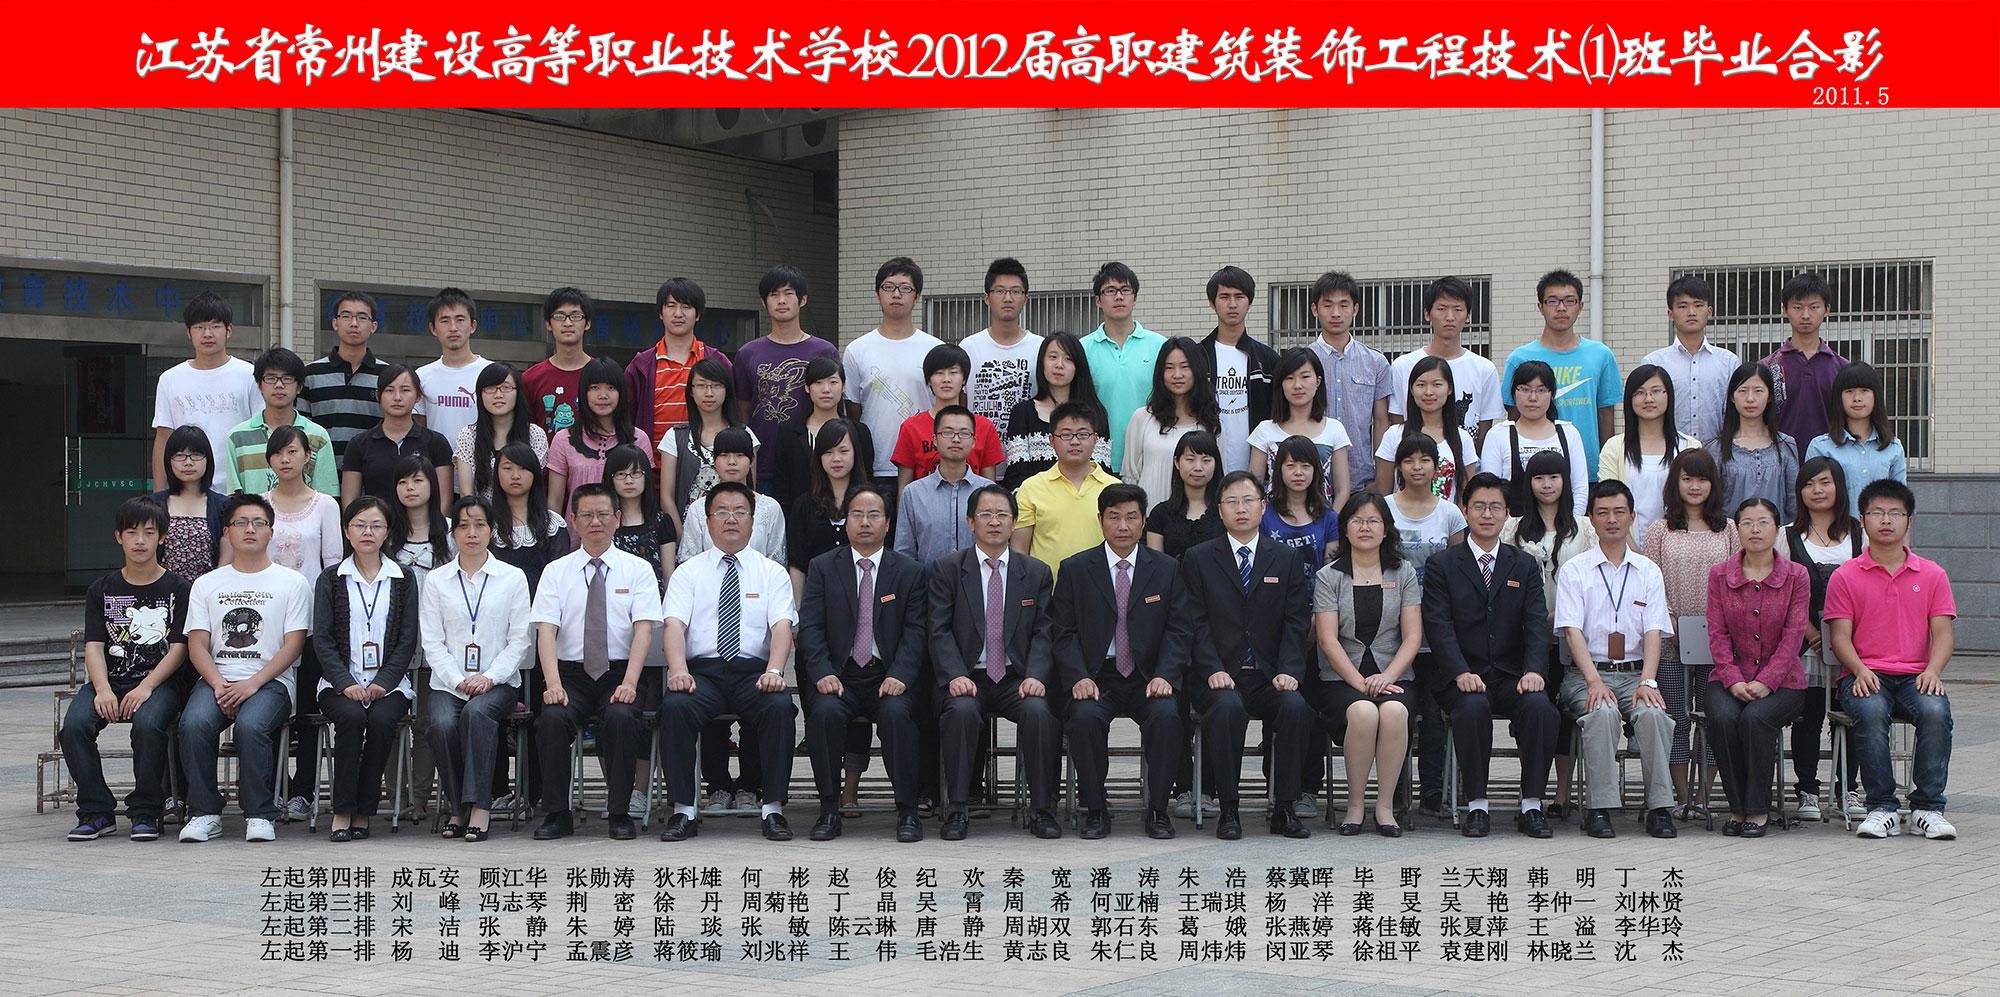 2012届高职建筑装饰工程技术(1)...